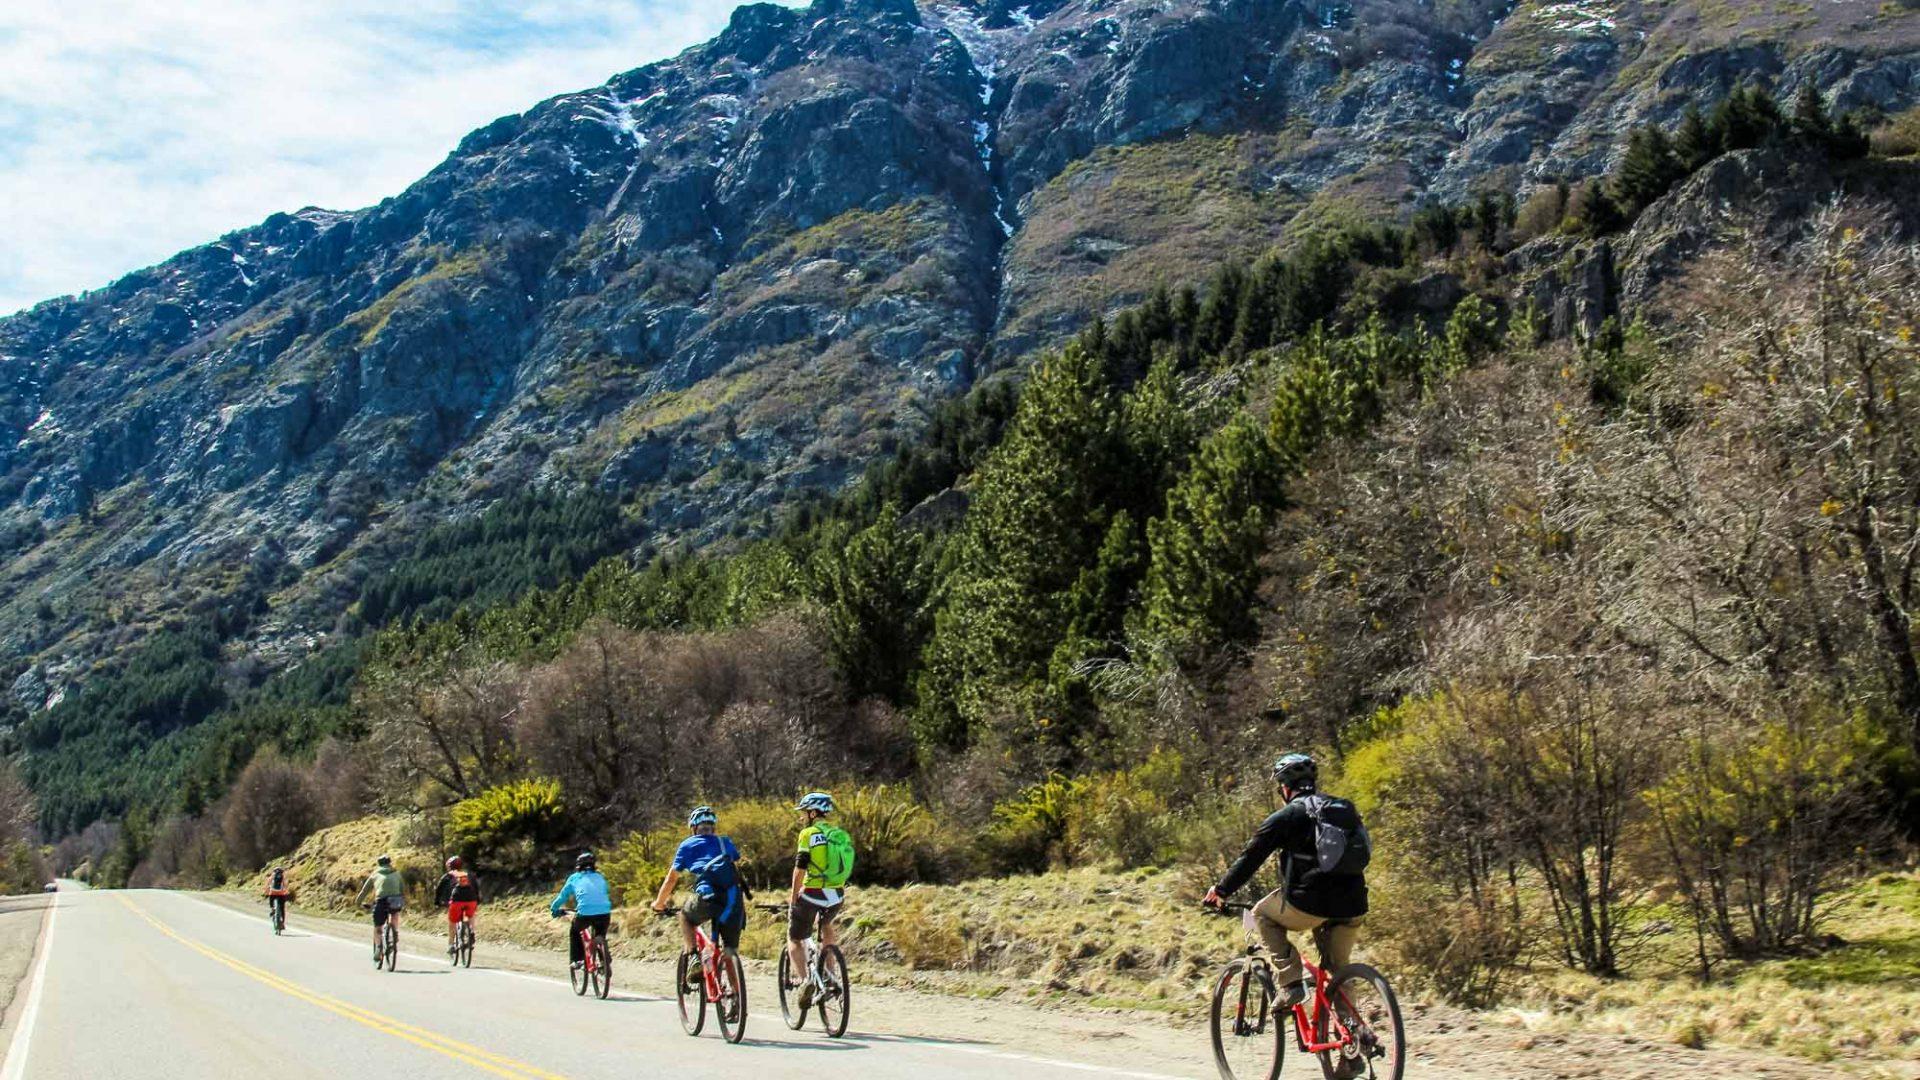 Cycling in San Martin de los Andes, Argentina.